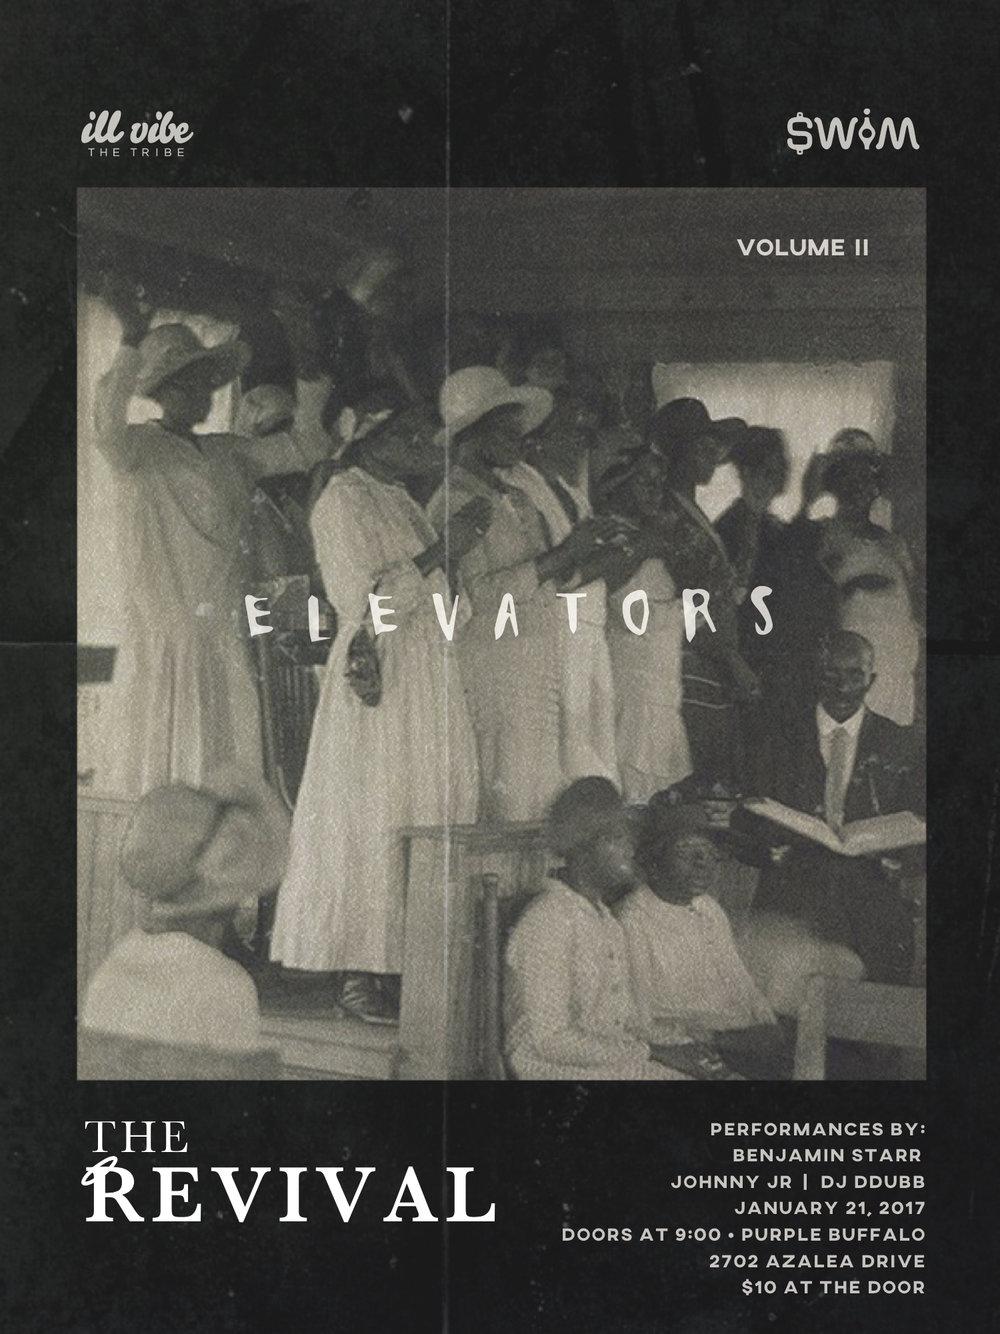 Elevators2xTheRevivaFlyer.jpg